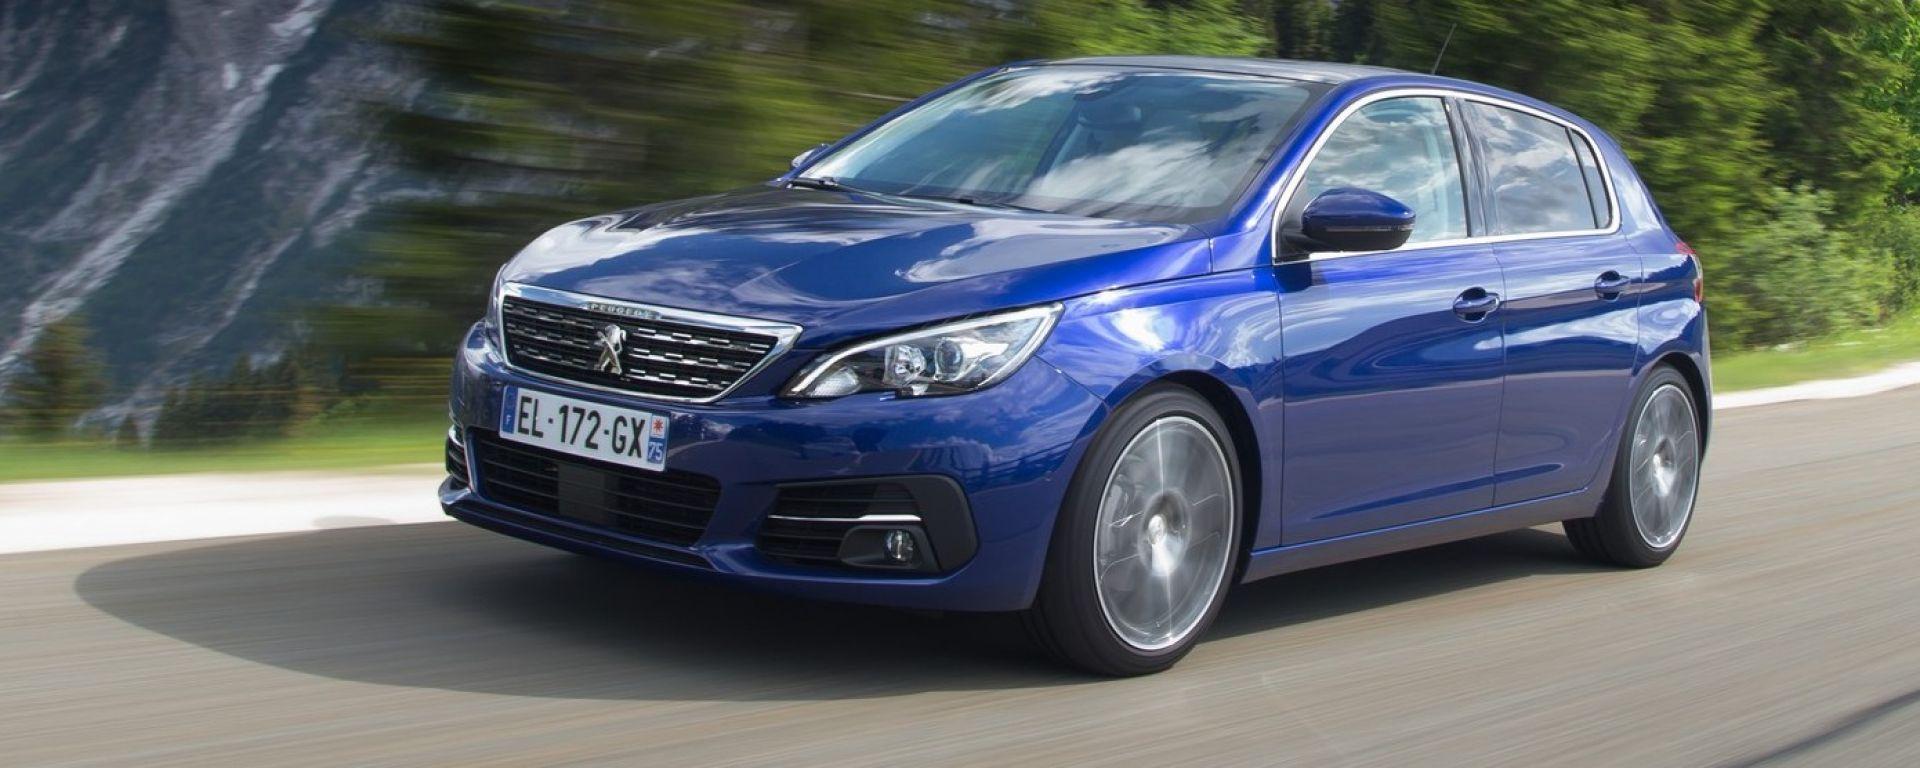 Nuova Peugeot 308 restyling: il Leone si evolve